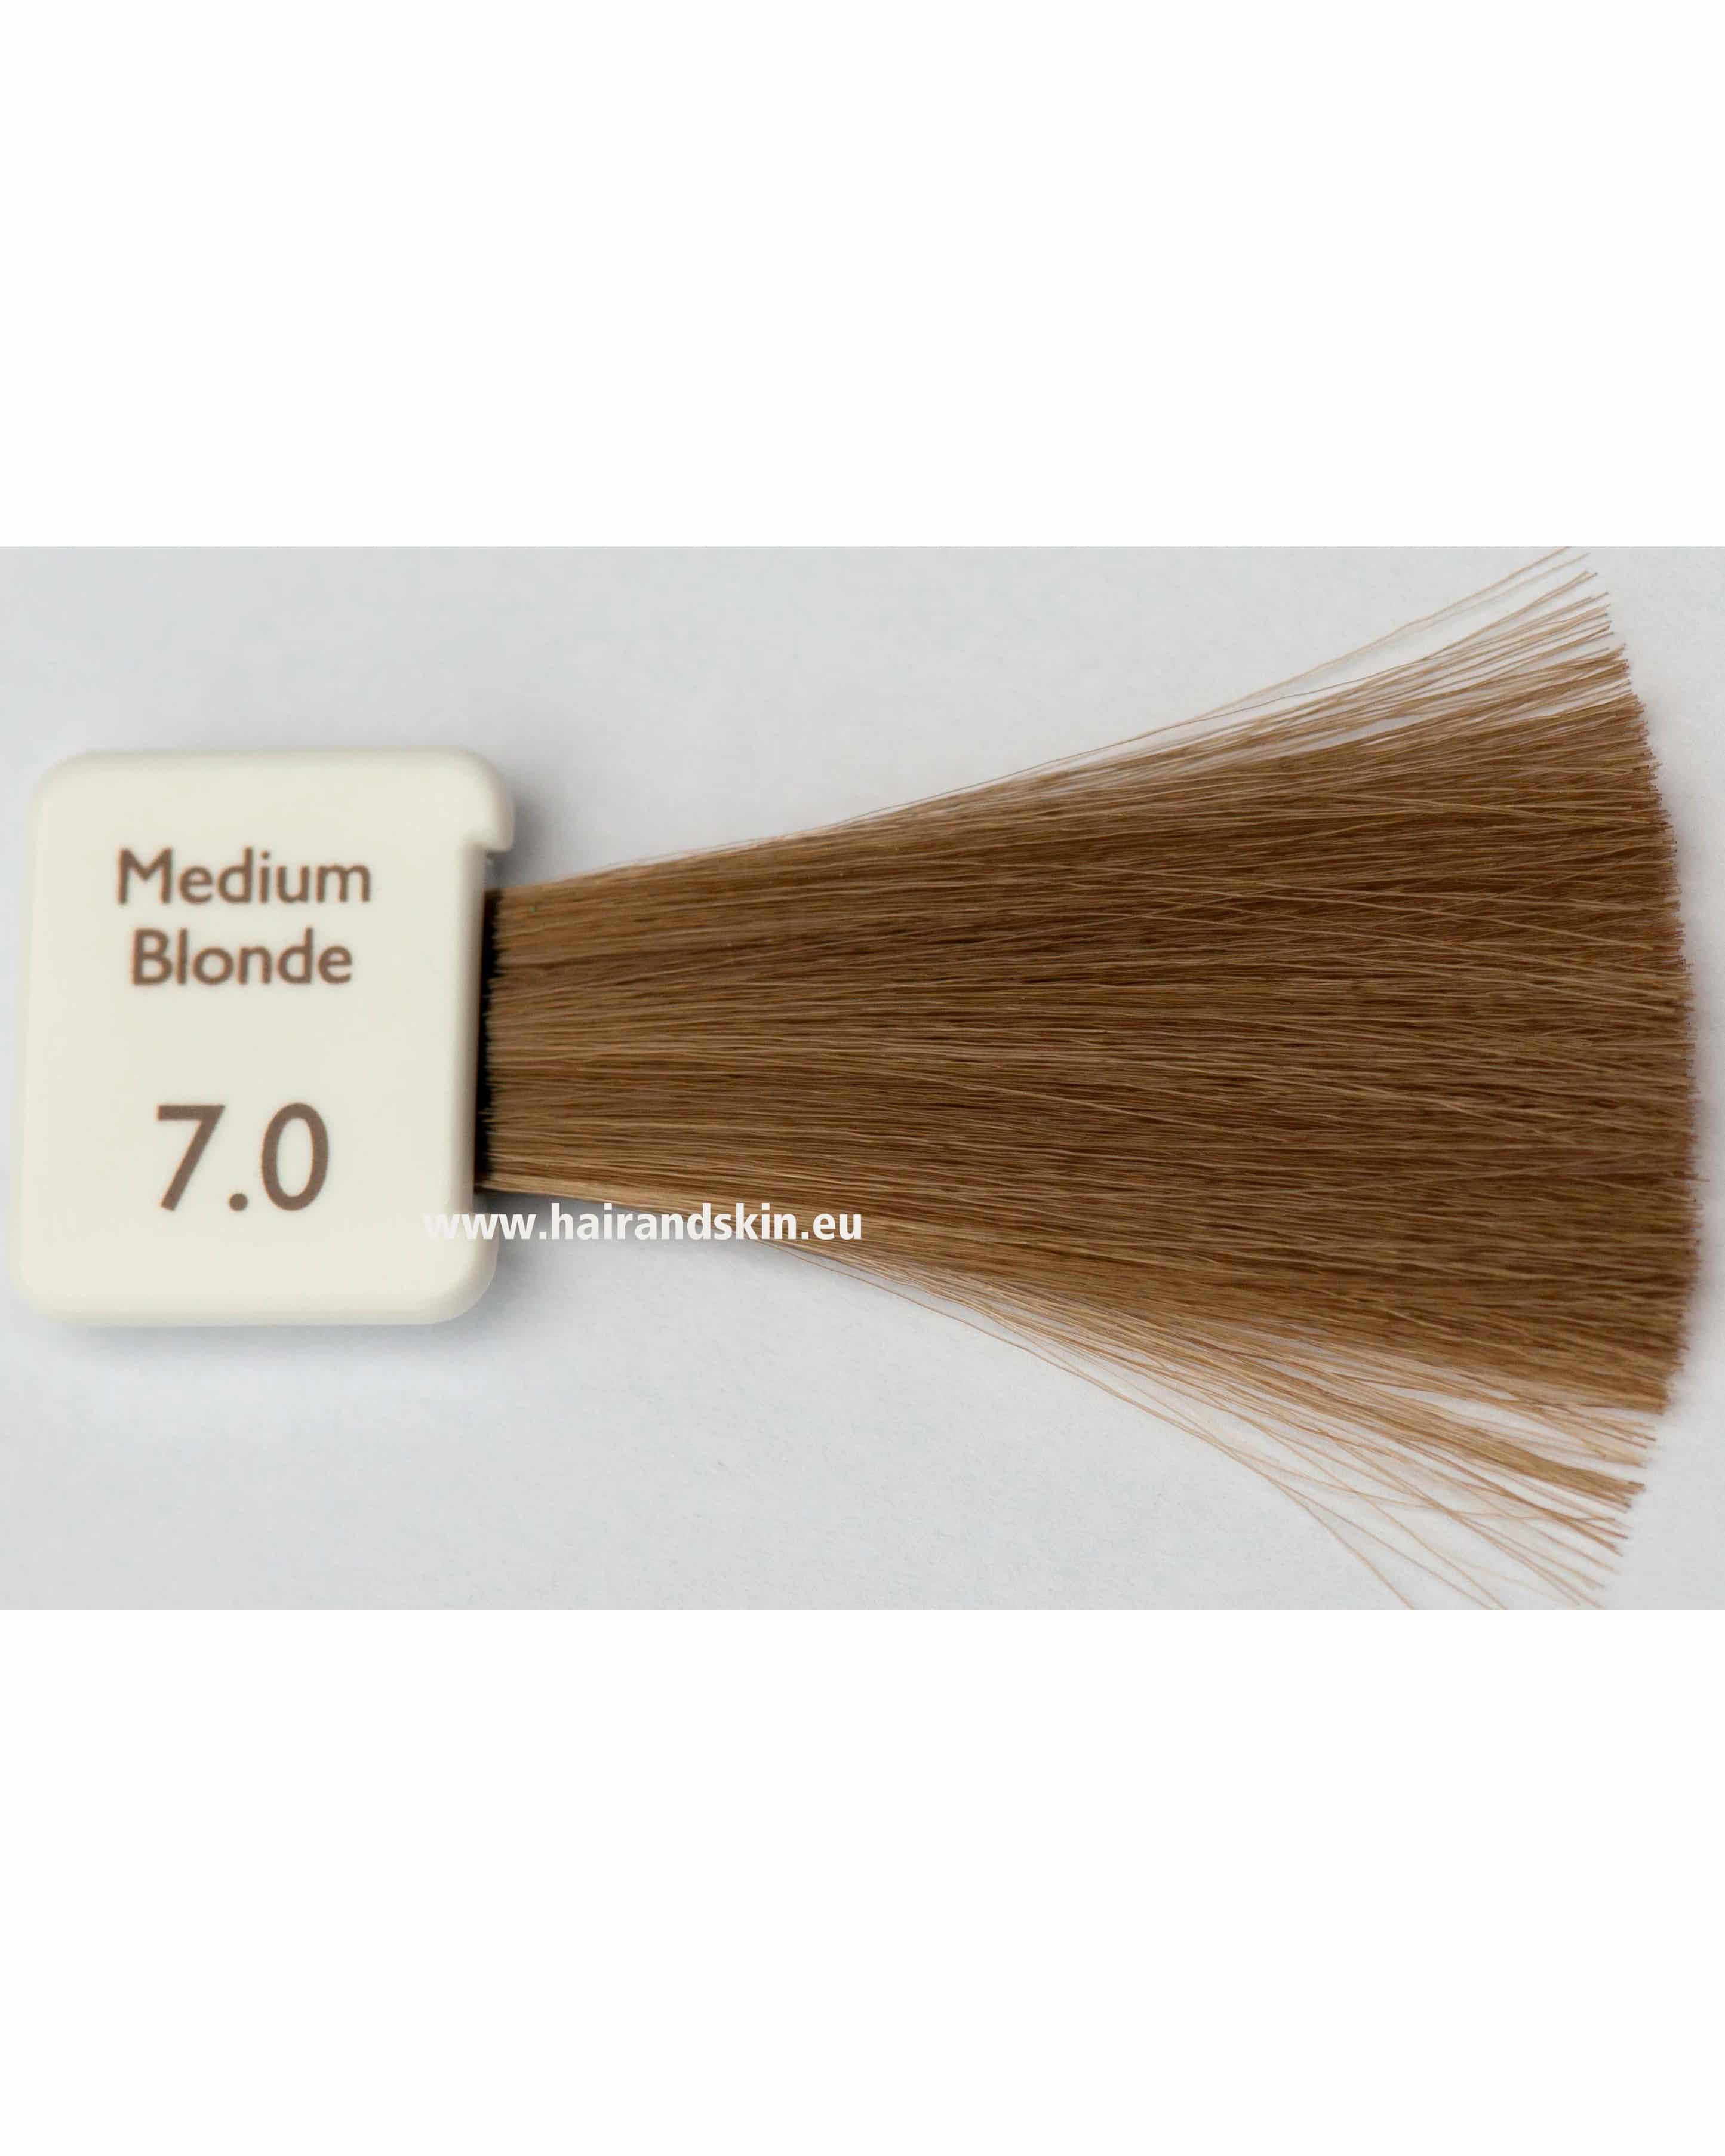 coloration natulique blond moyen 70 crme naturelle couleur cheveux - Coloration Blond Moyen